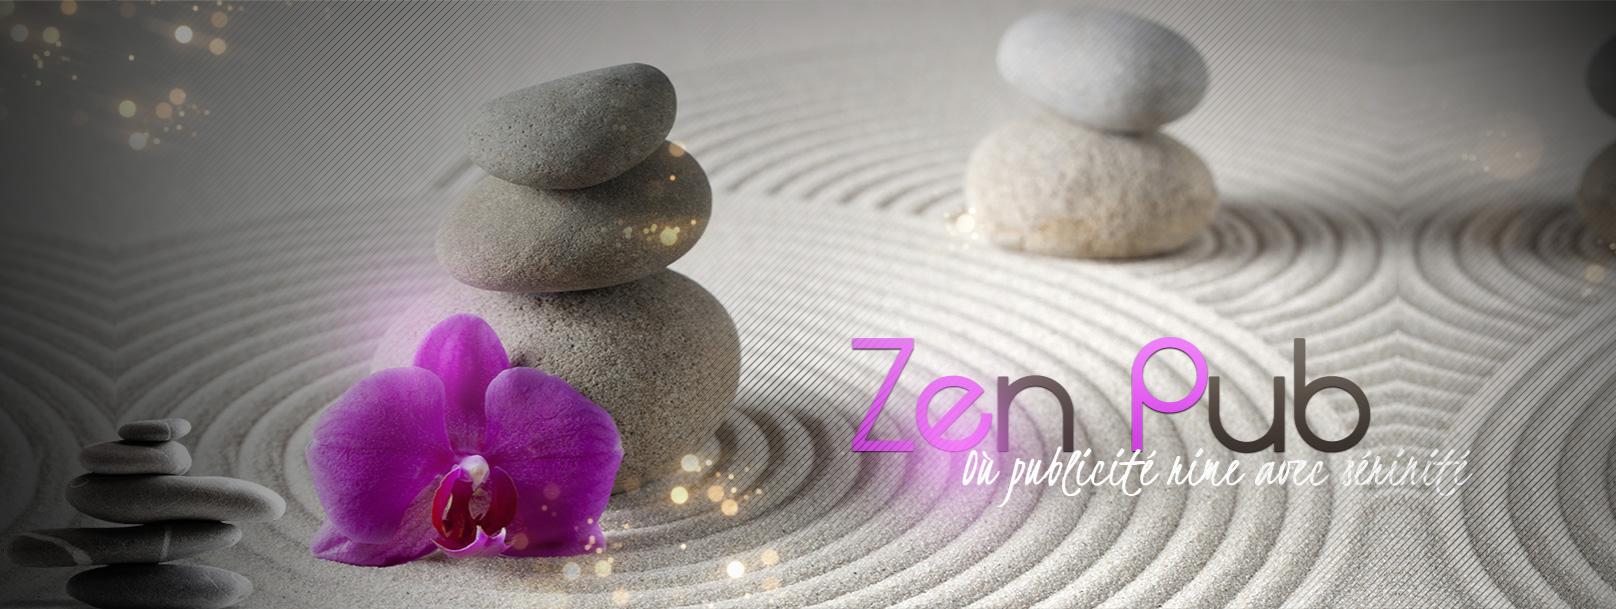 Zen-Pub